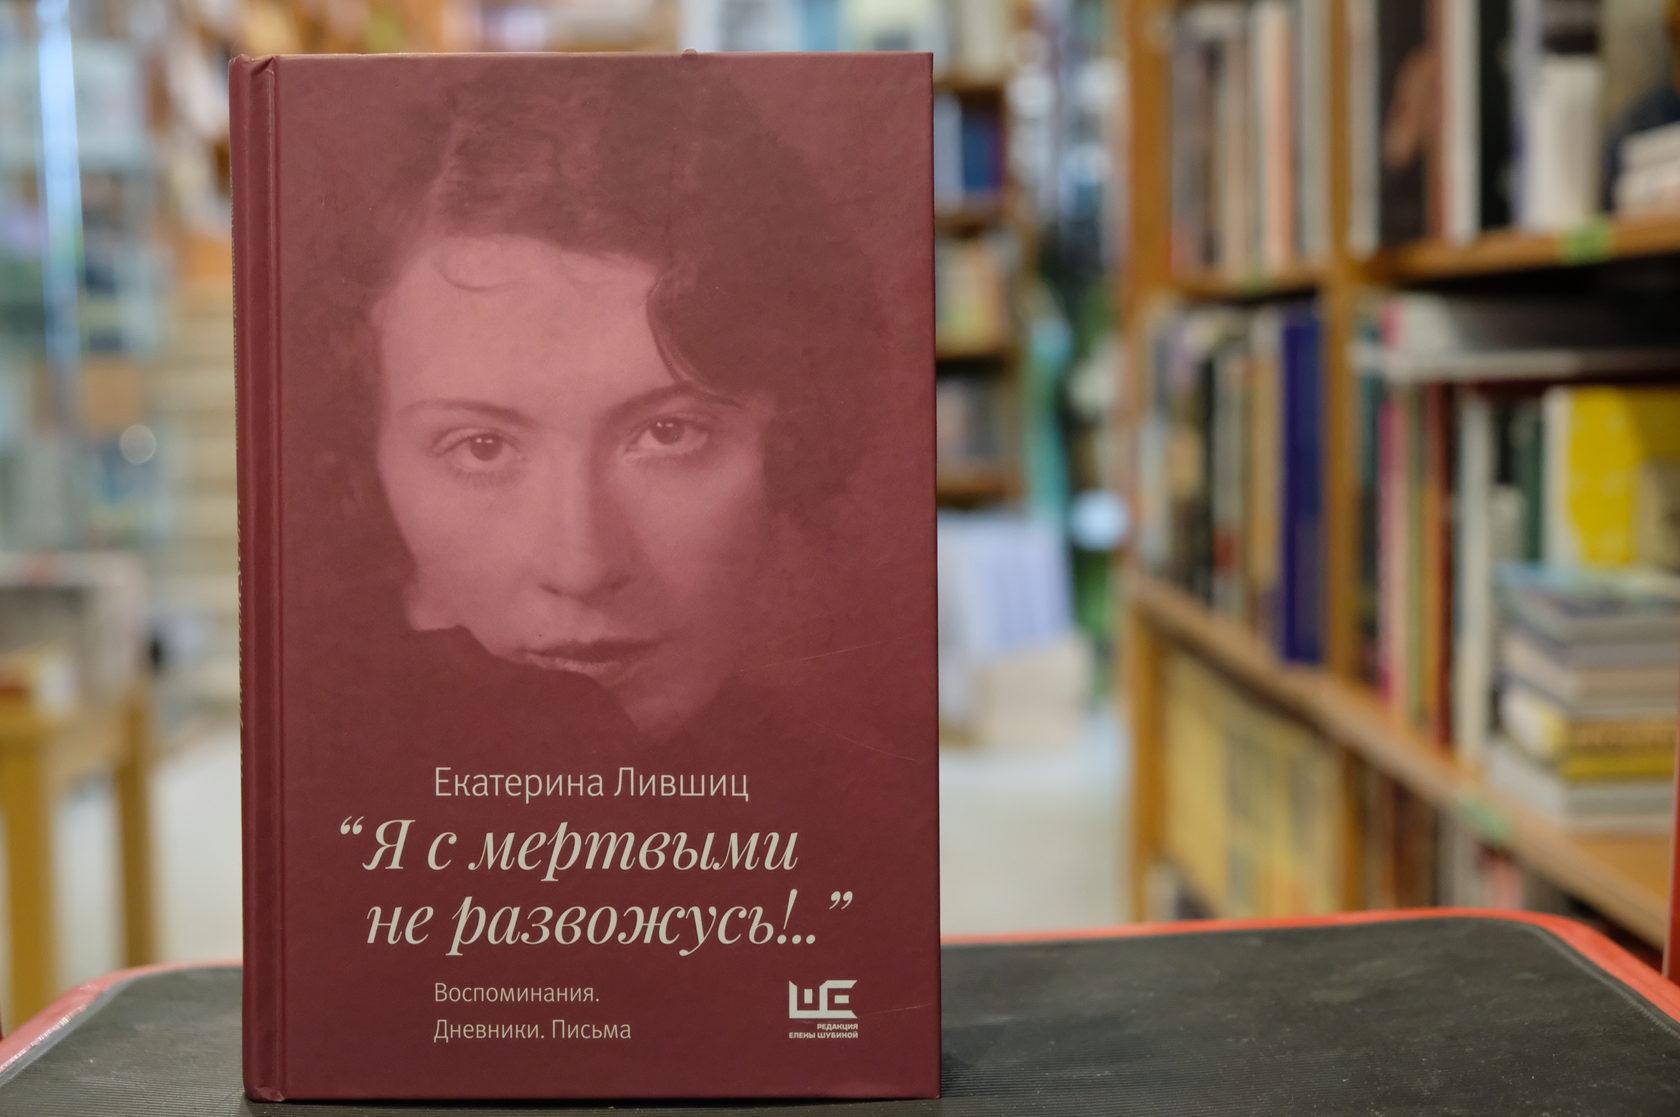 """Купить книгу Екатерина Лившиц «""""Я с мертвыми не развожусь!.."""". Воспоминания. Дневники. Письма»"""